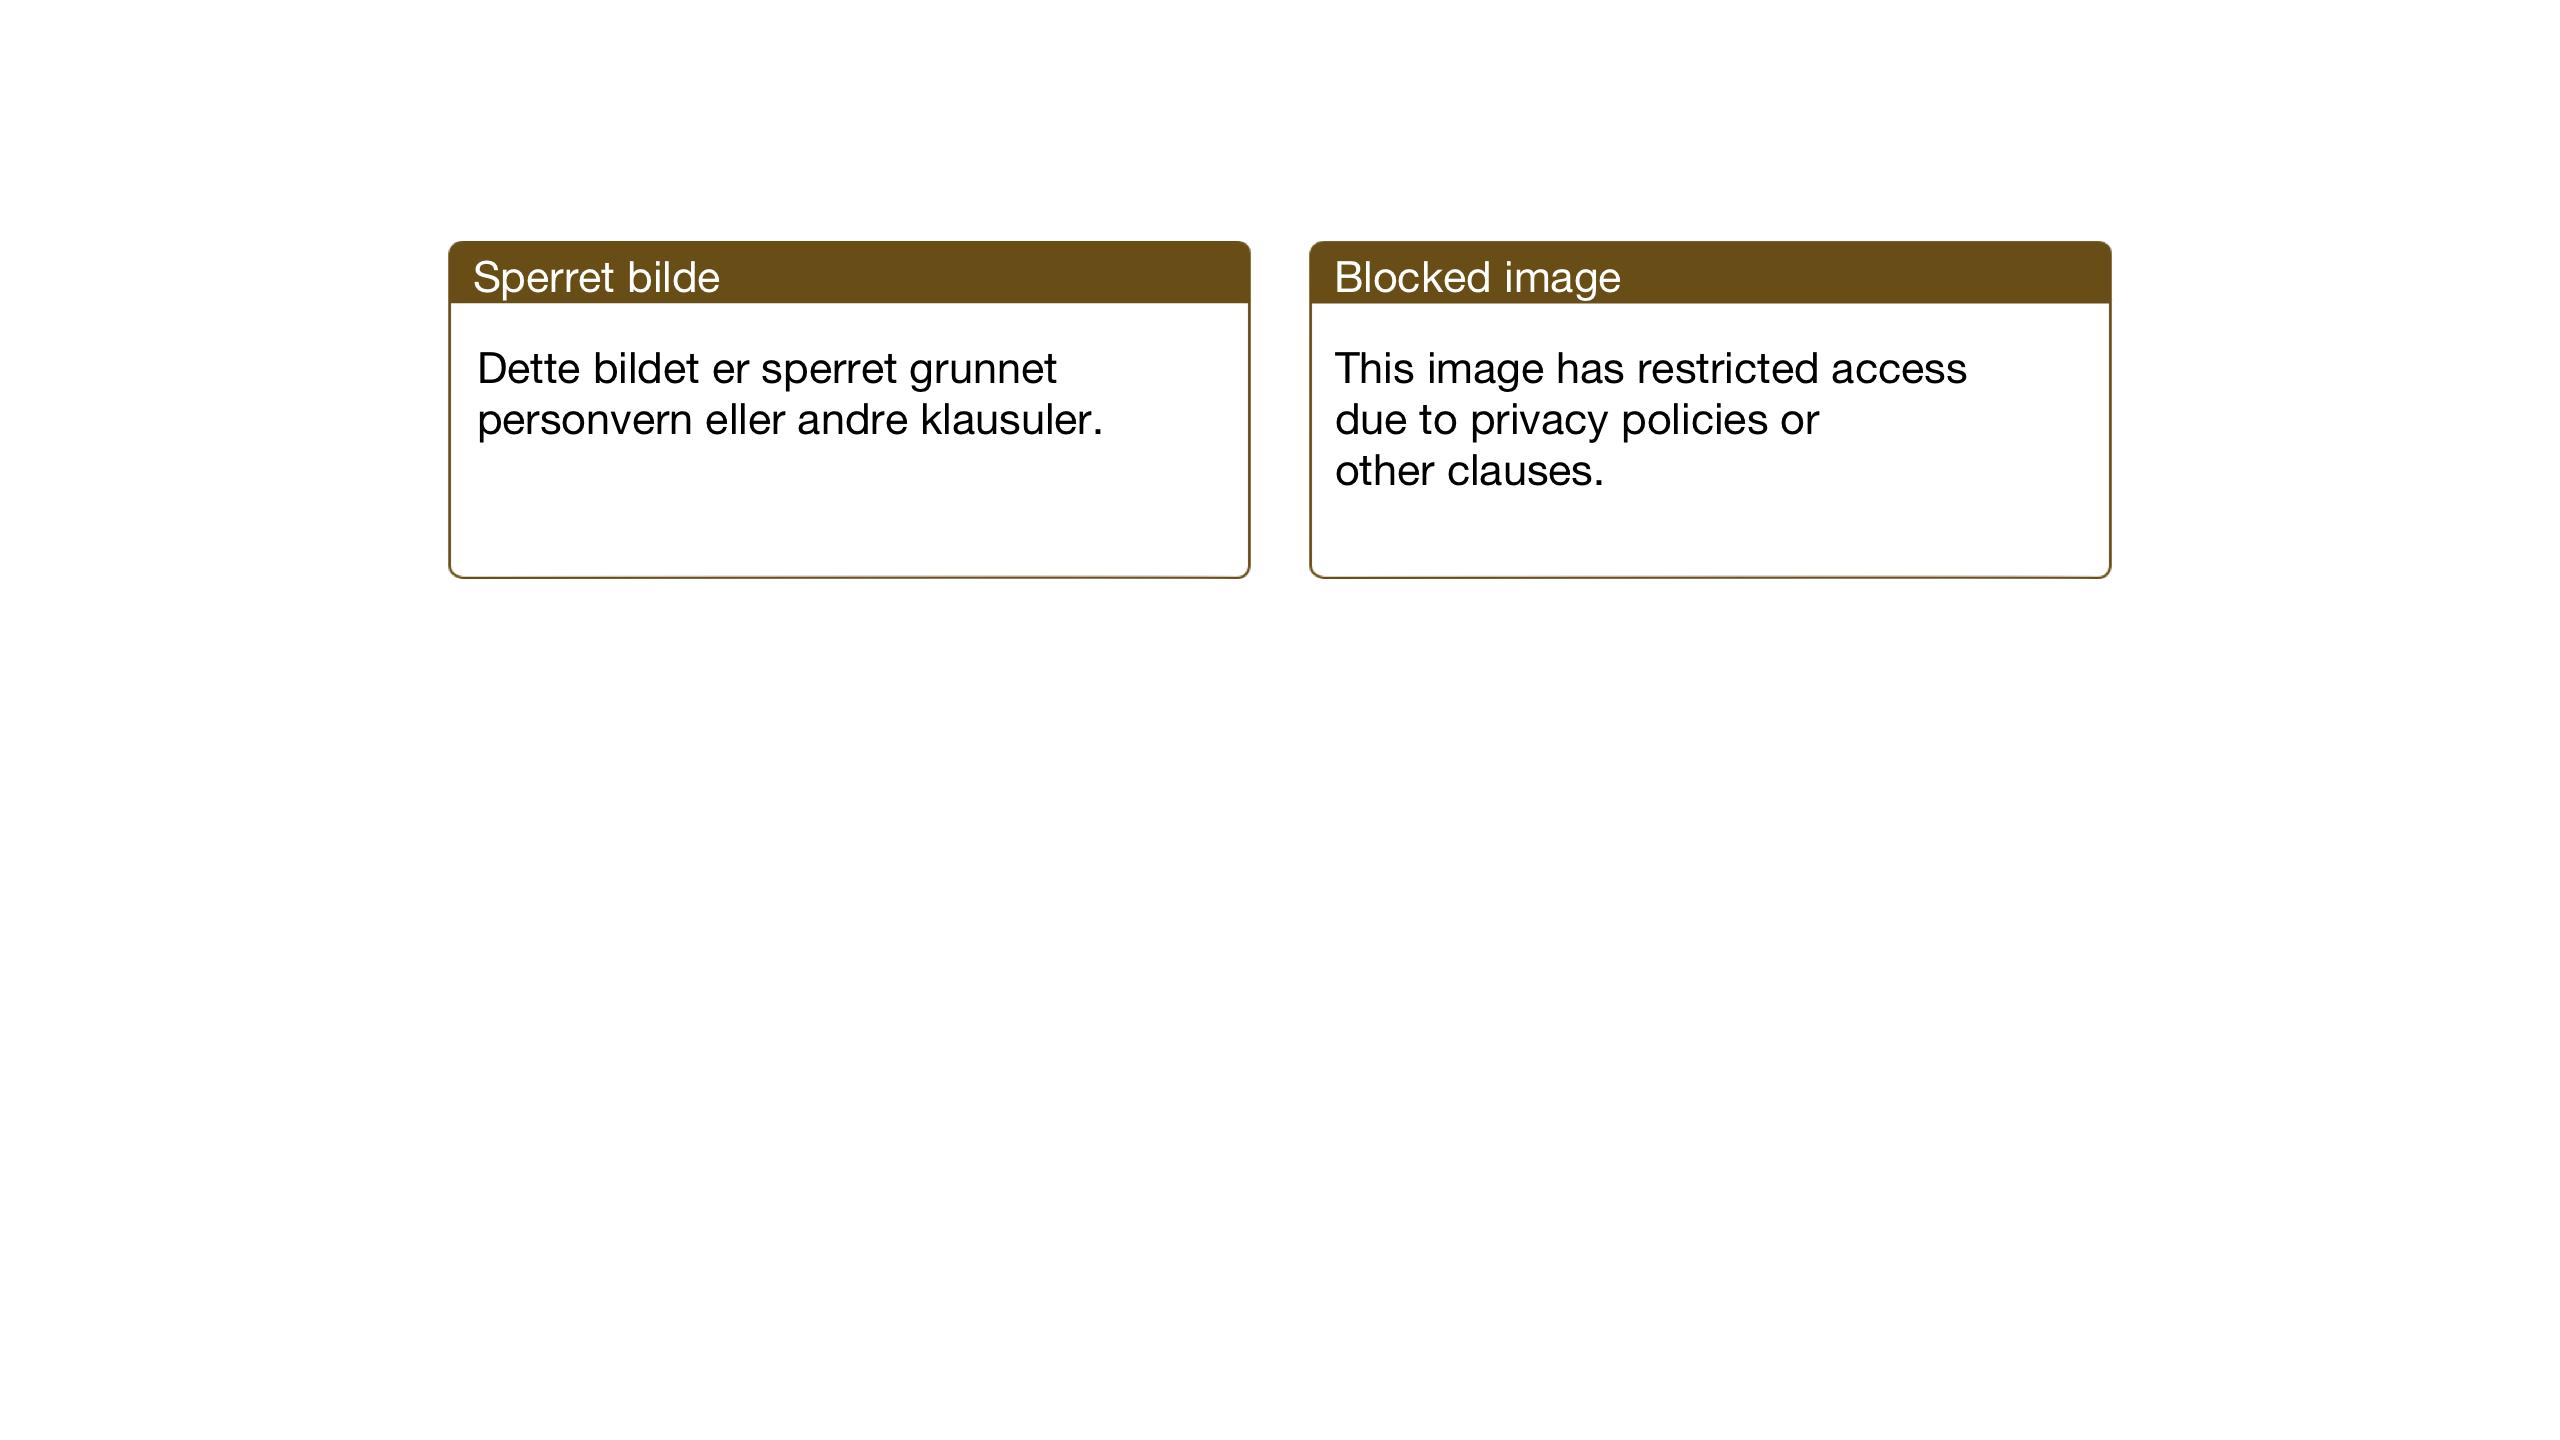 SAT, Ministerialprotokoller, klokkerbøker og fødselsregistre - Nord-Trøndelag, 701/L0019: Klokkerbok nr. 701C03, 1930-1953, s. 96